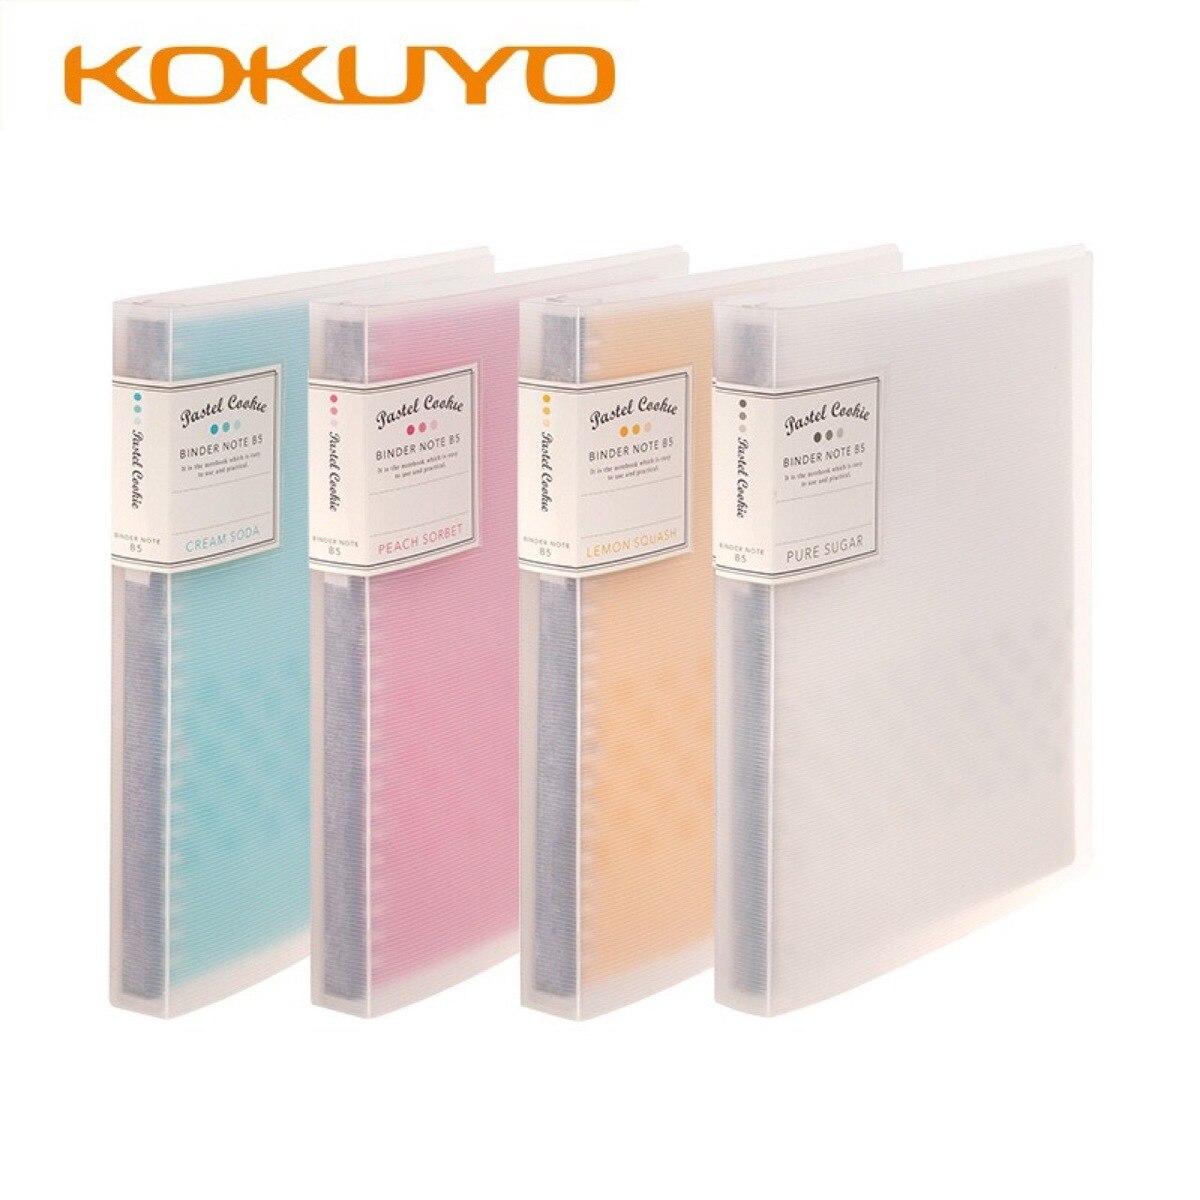 Office & School Supplies Notebooks Vorsichtig Kokuyo A5 B5 Abnehmbare Lose Blatt Notebook Refill Spirale Bindemittel Planer Innere Seite Innen Papier Dairy Wöchentlich Monatlich Plan Linie